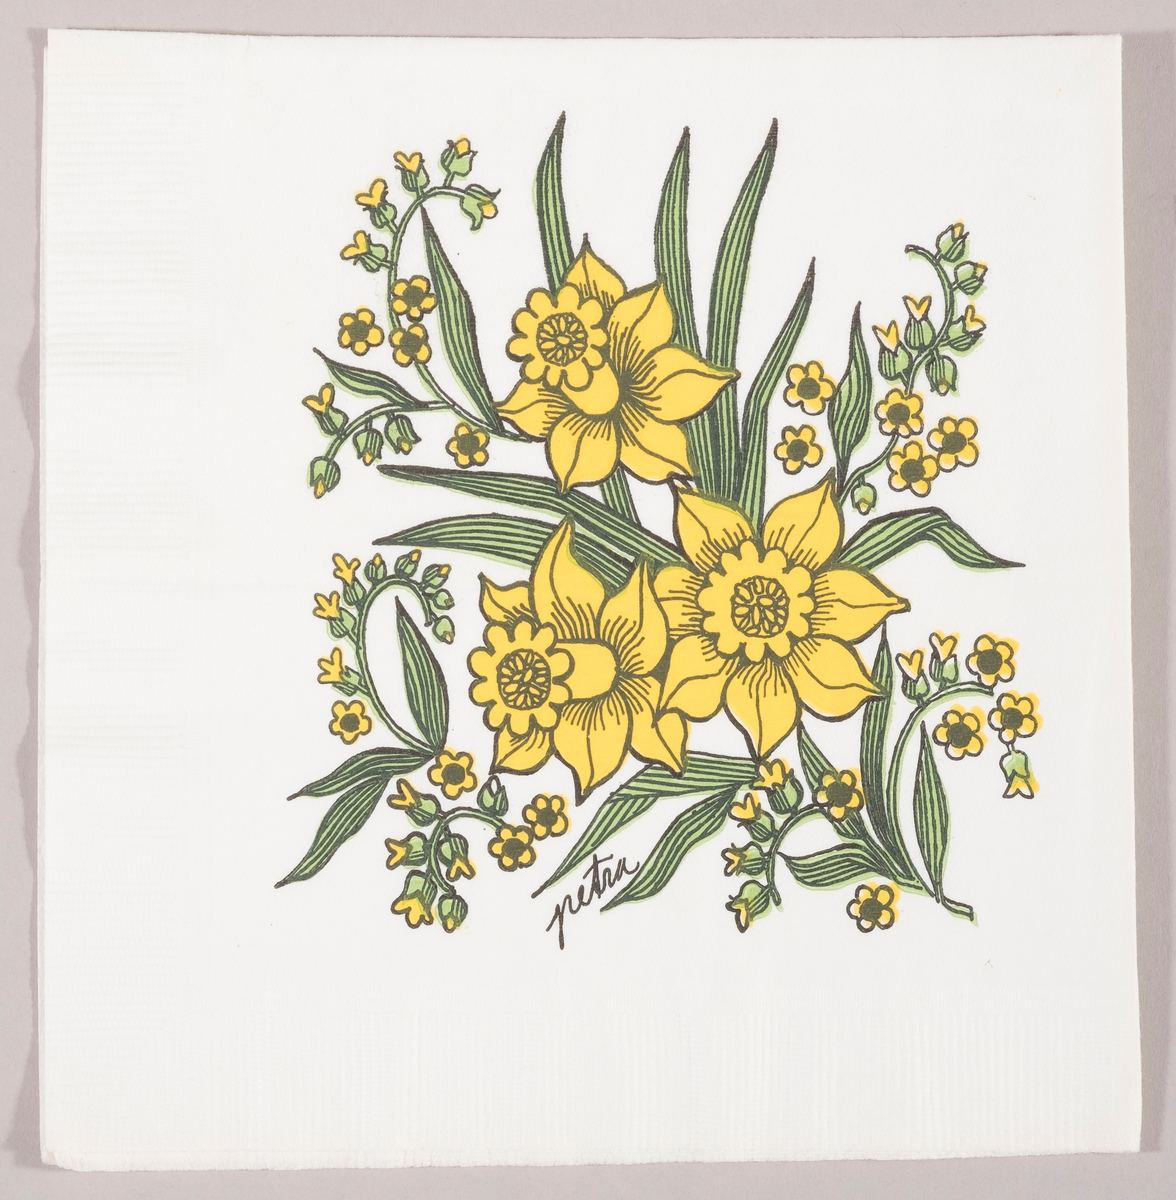 En bukett med påskeliljer og små gule blomster.